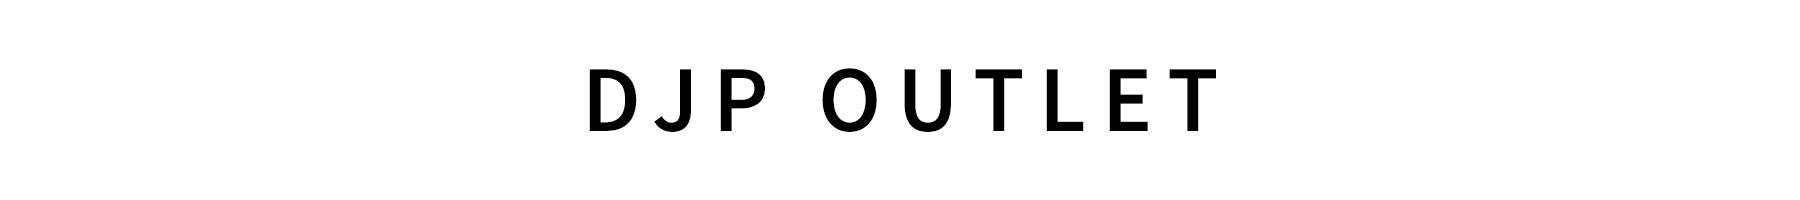 DrJays.com - DJP Outlet